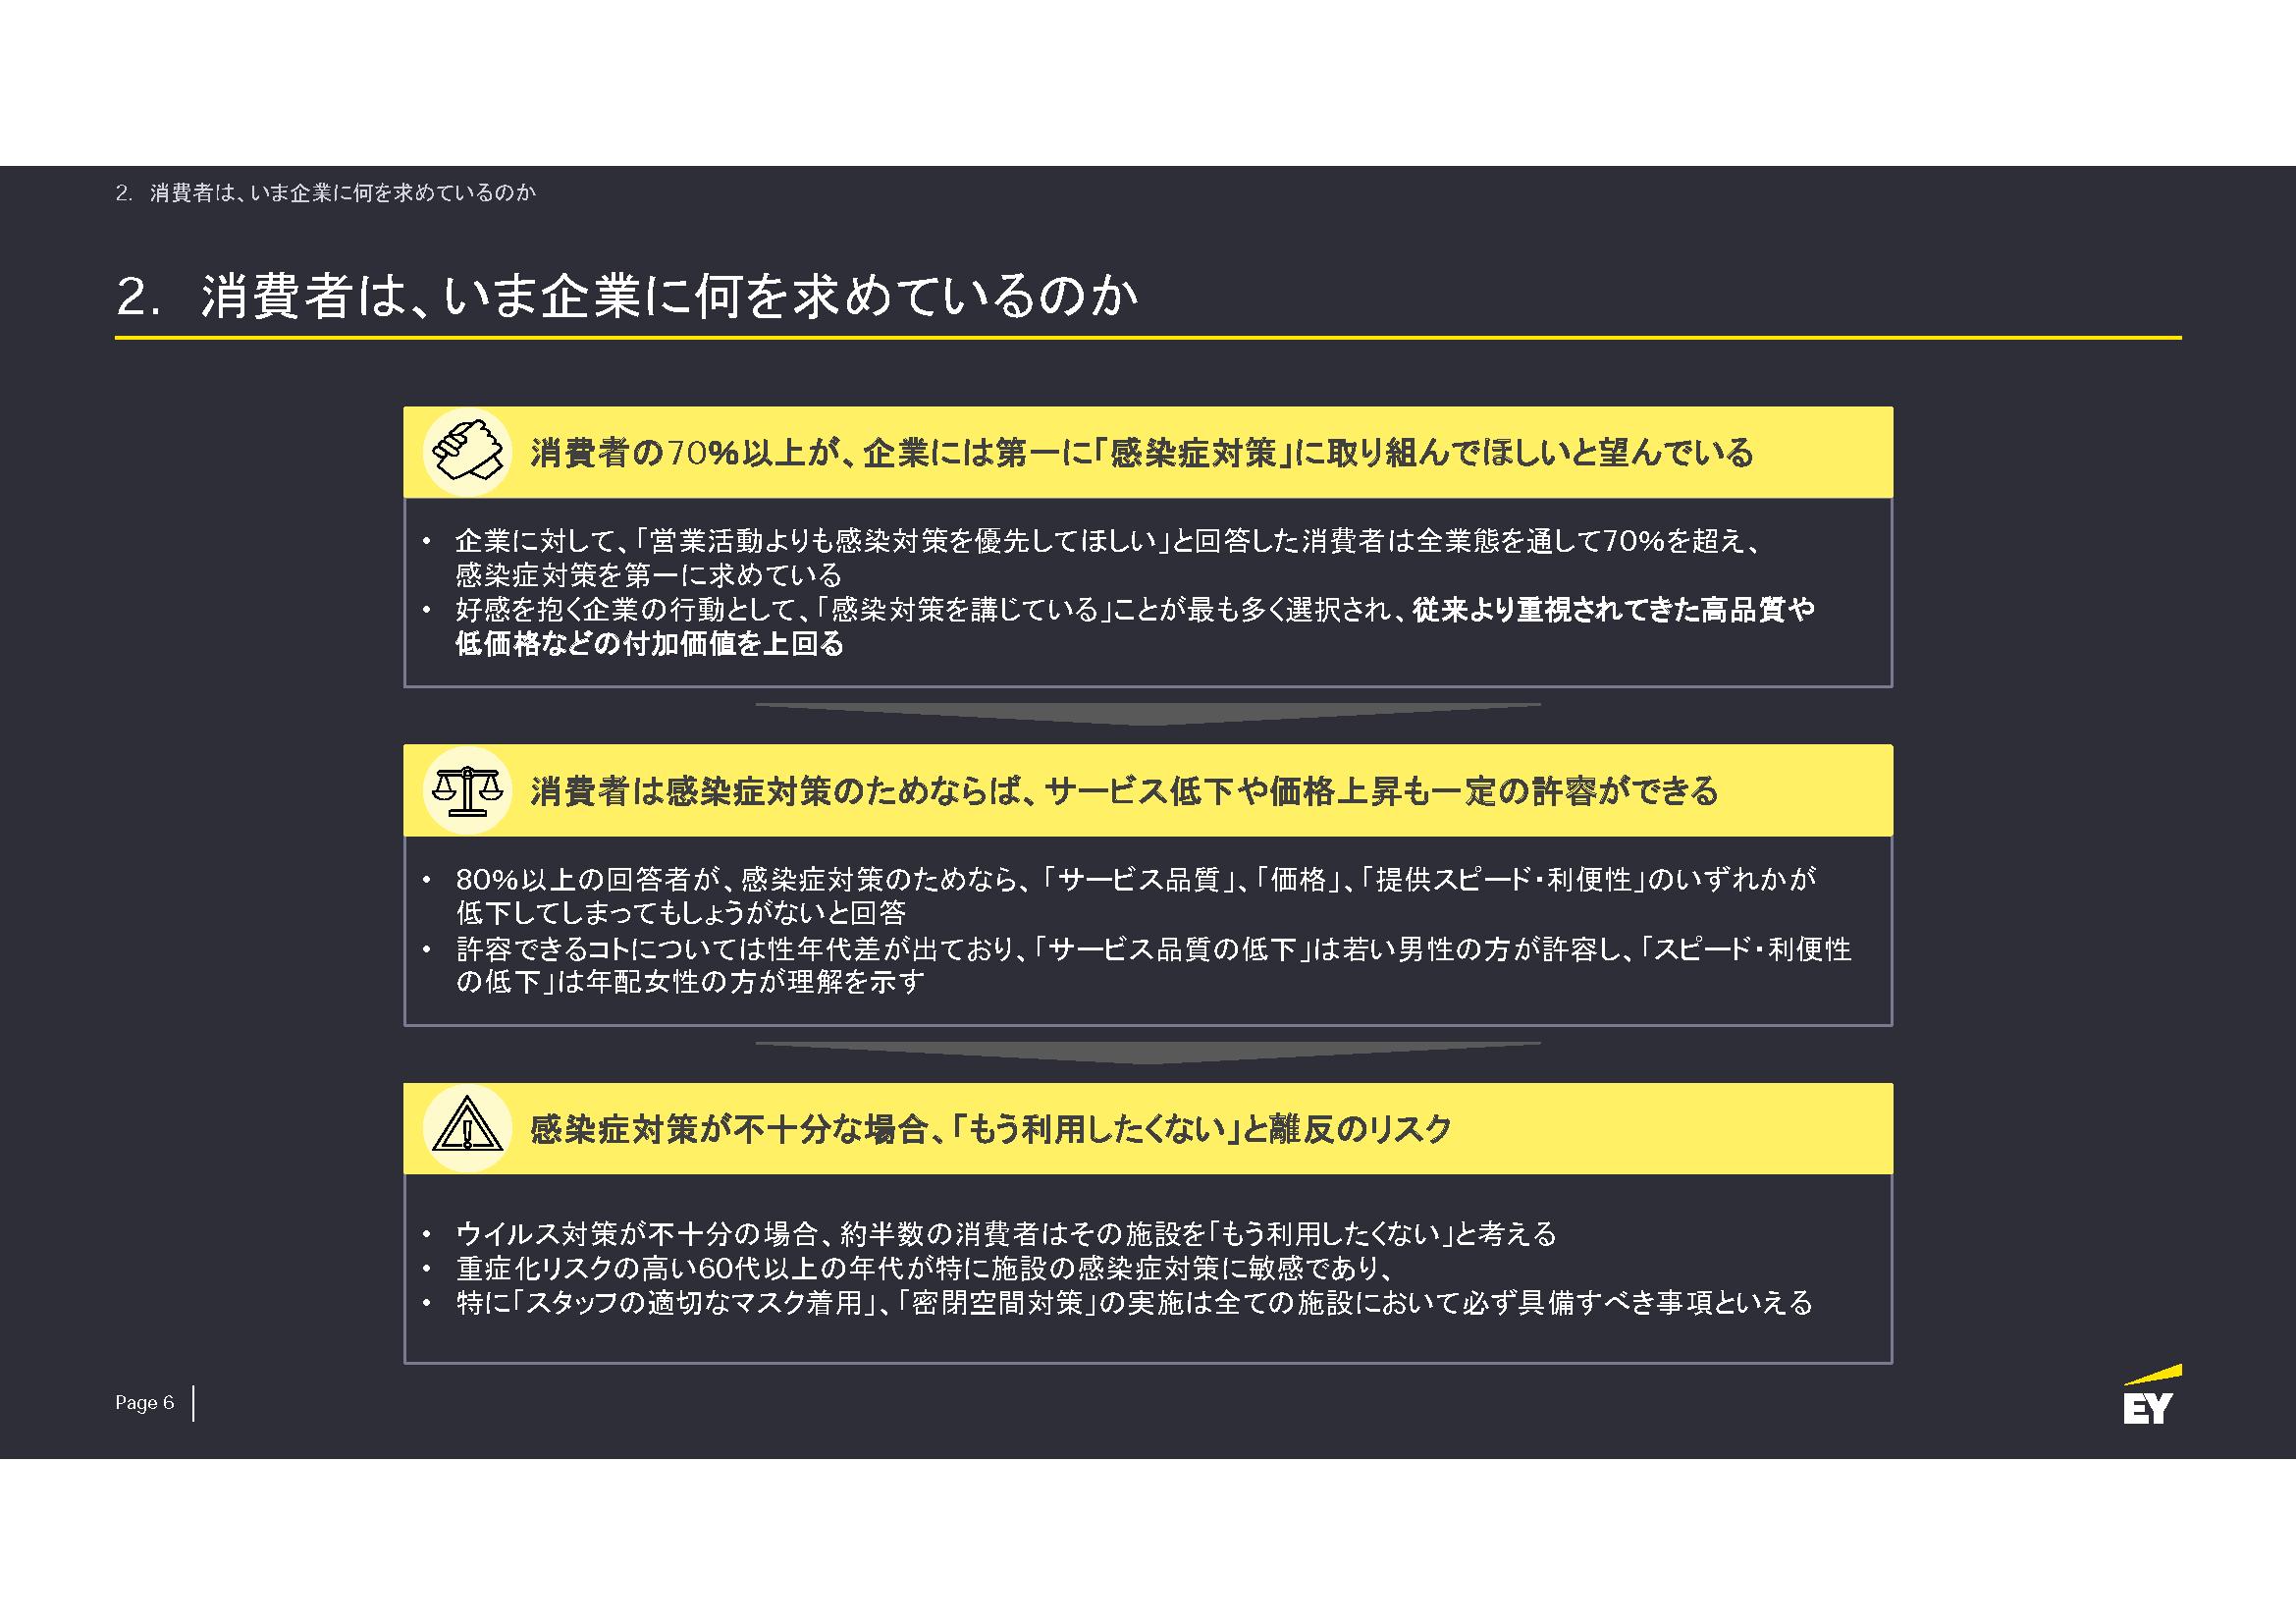 新型コロナウイルスによる日本の消費者の行動変容と企業に求められる対策_v1.01_ページ_06